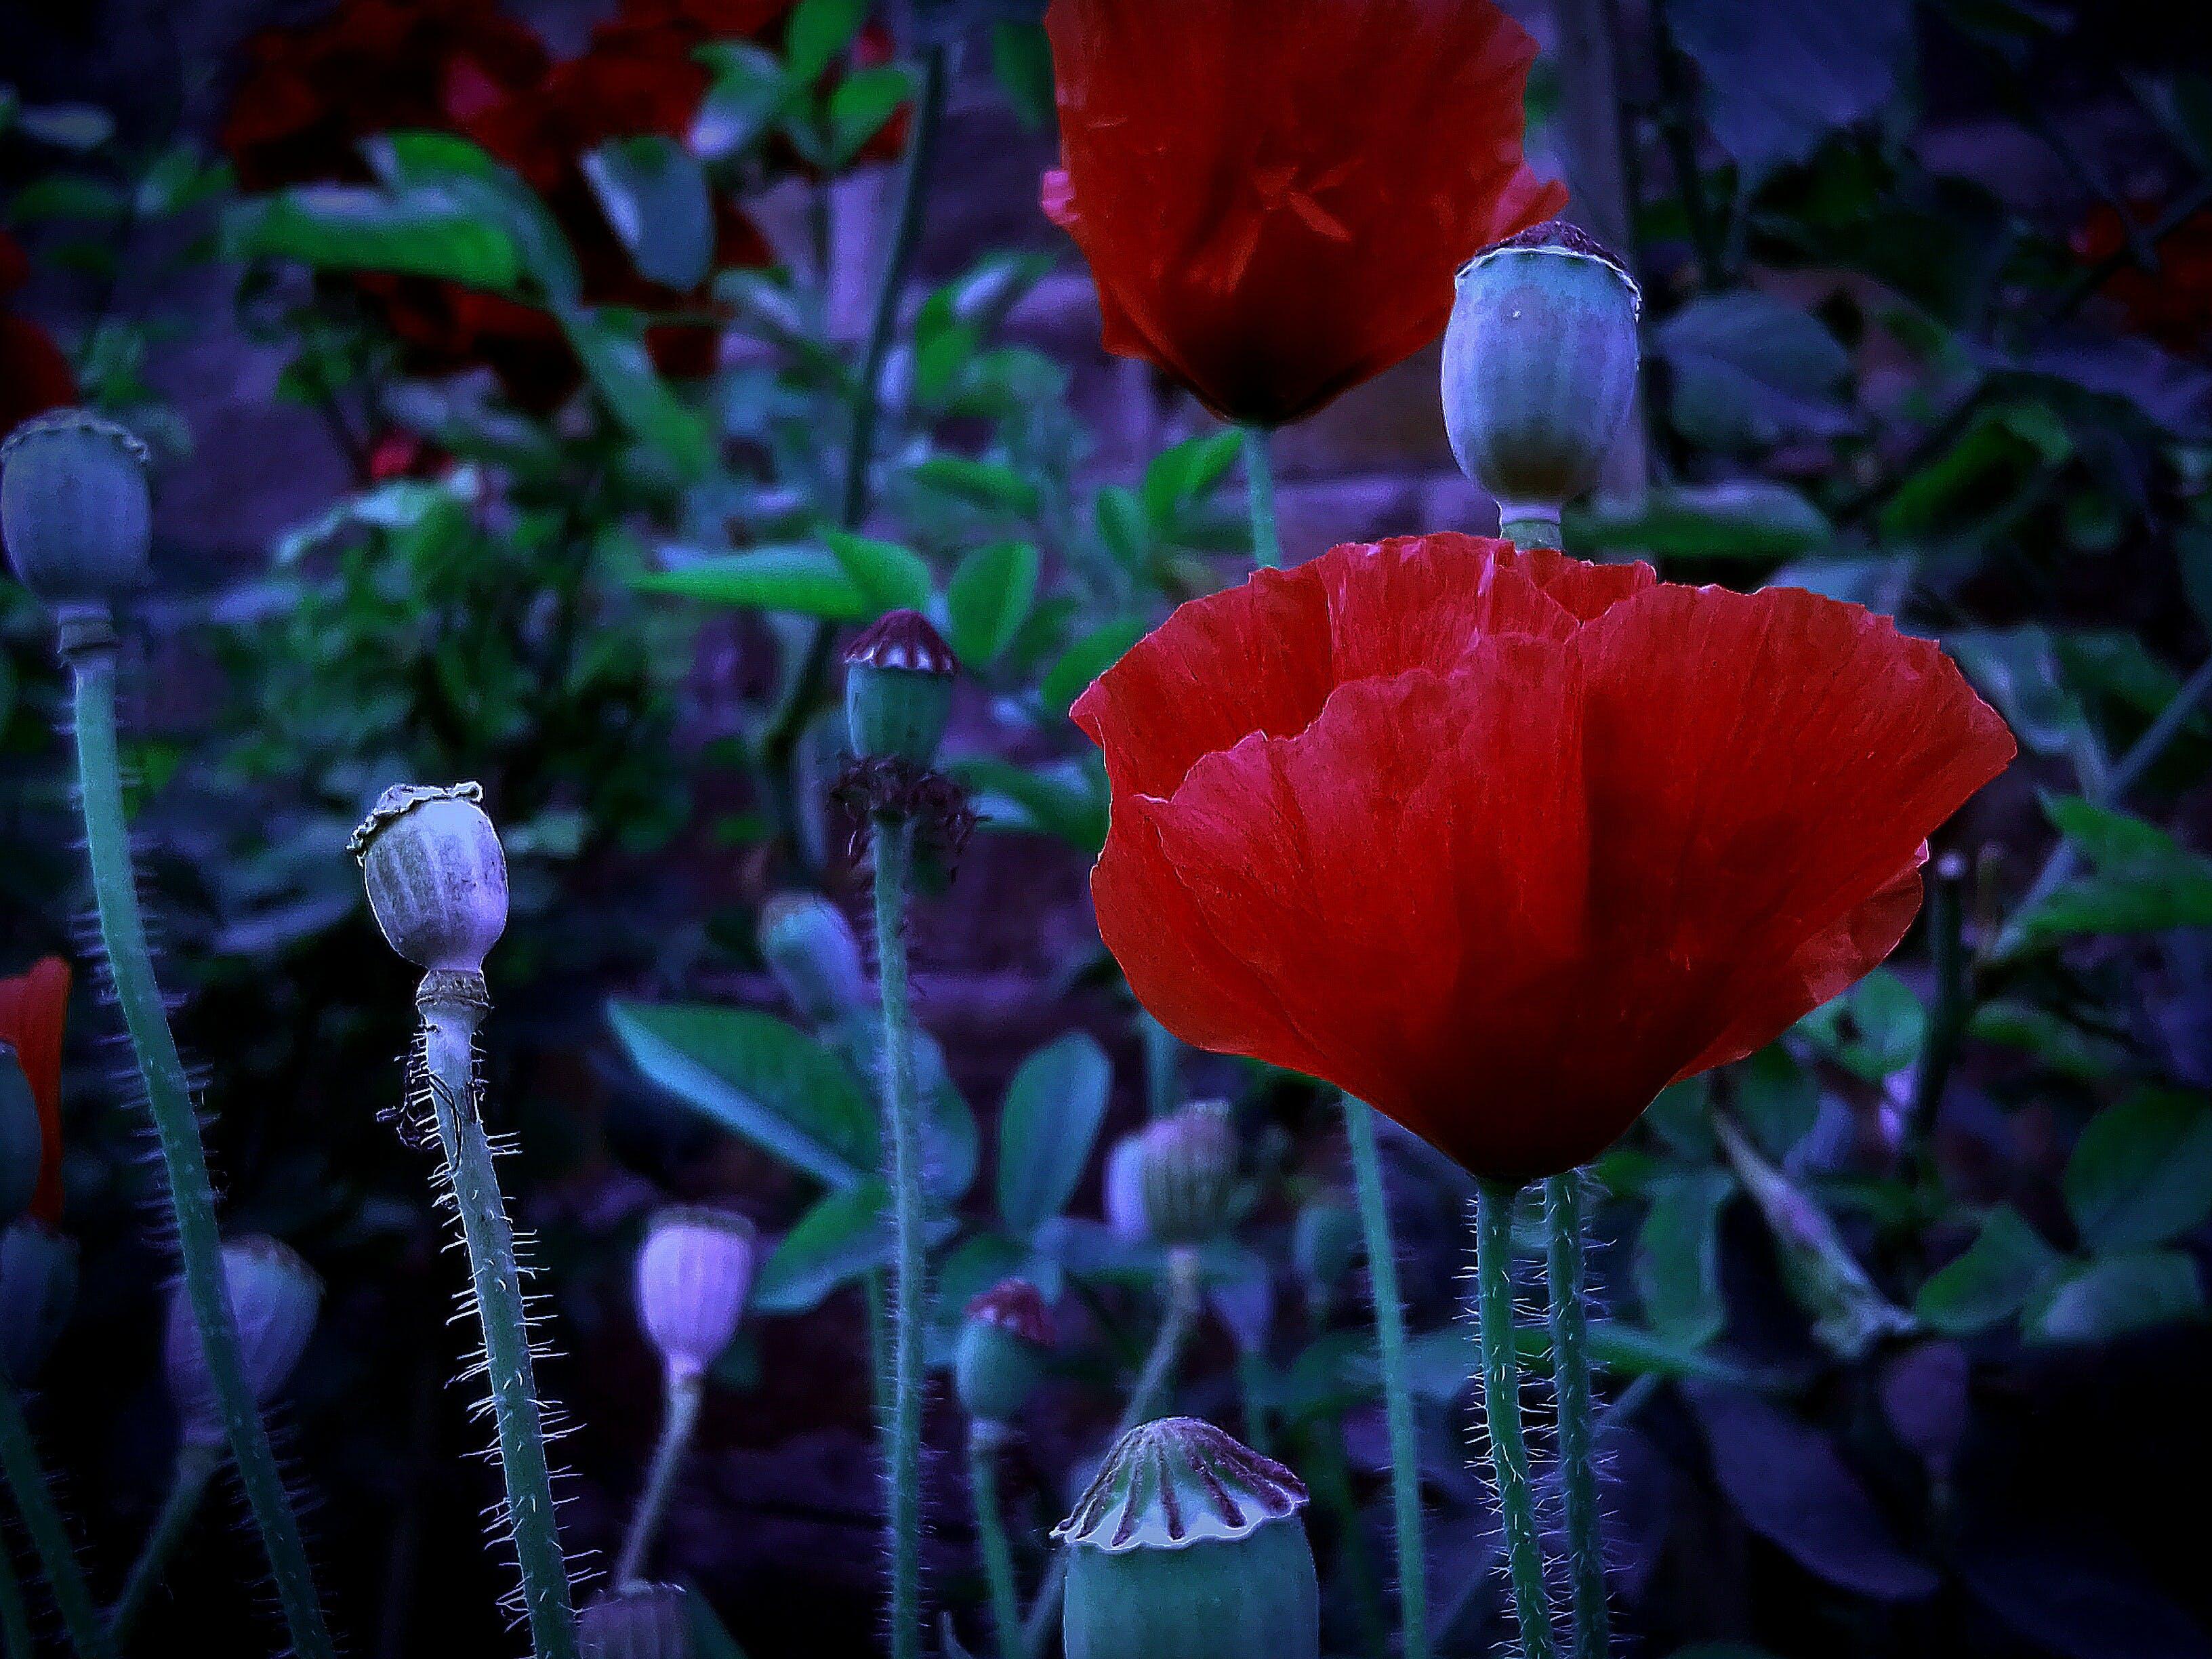 Gratis lagerfoto af 4k-baggrund, baggrundsbillede, blå baggrund, blomst